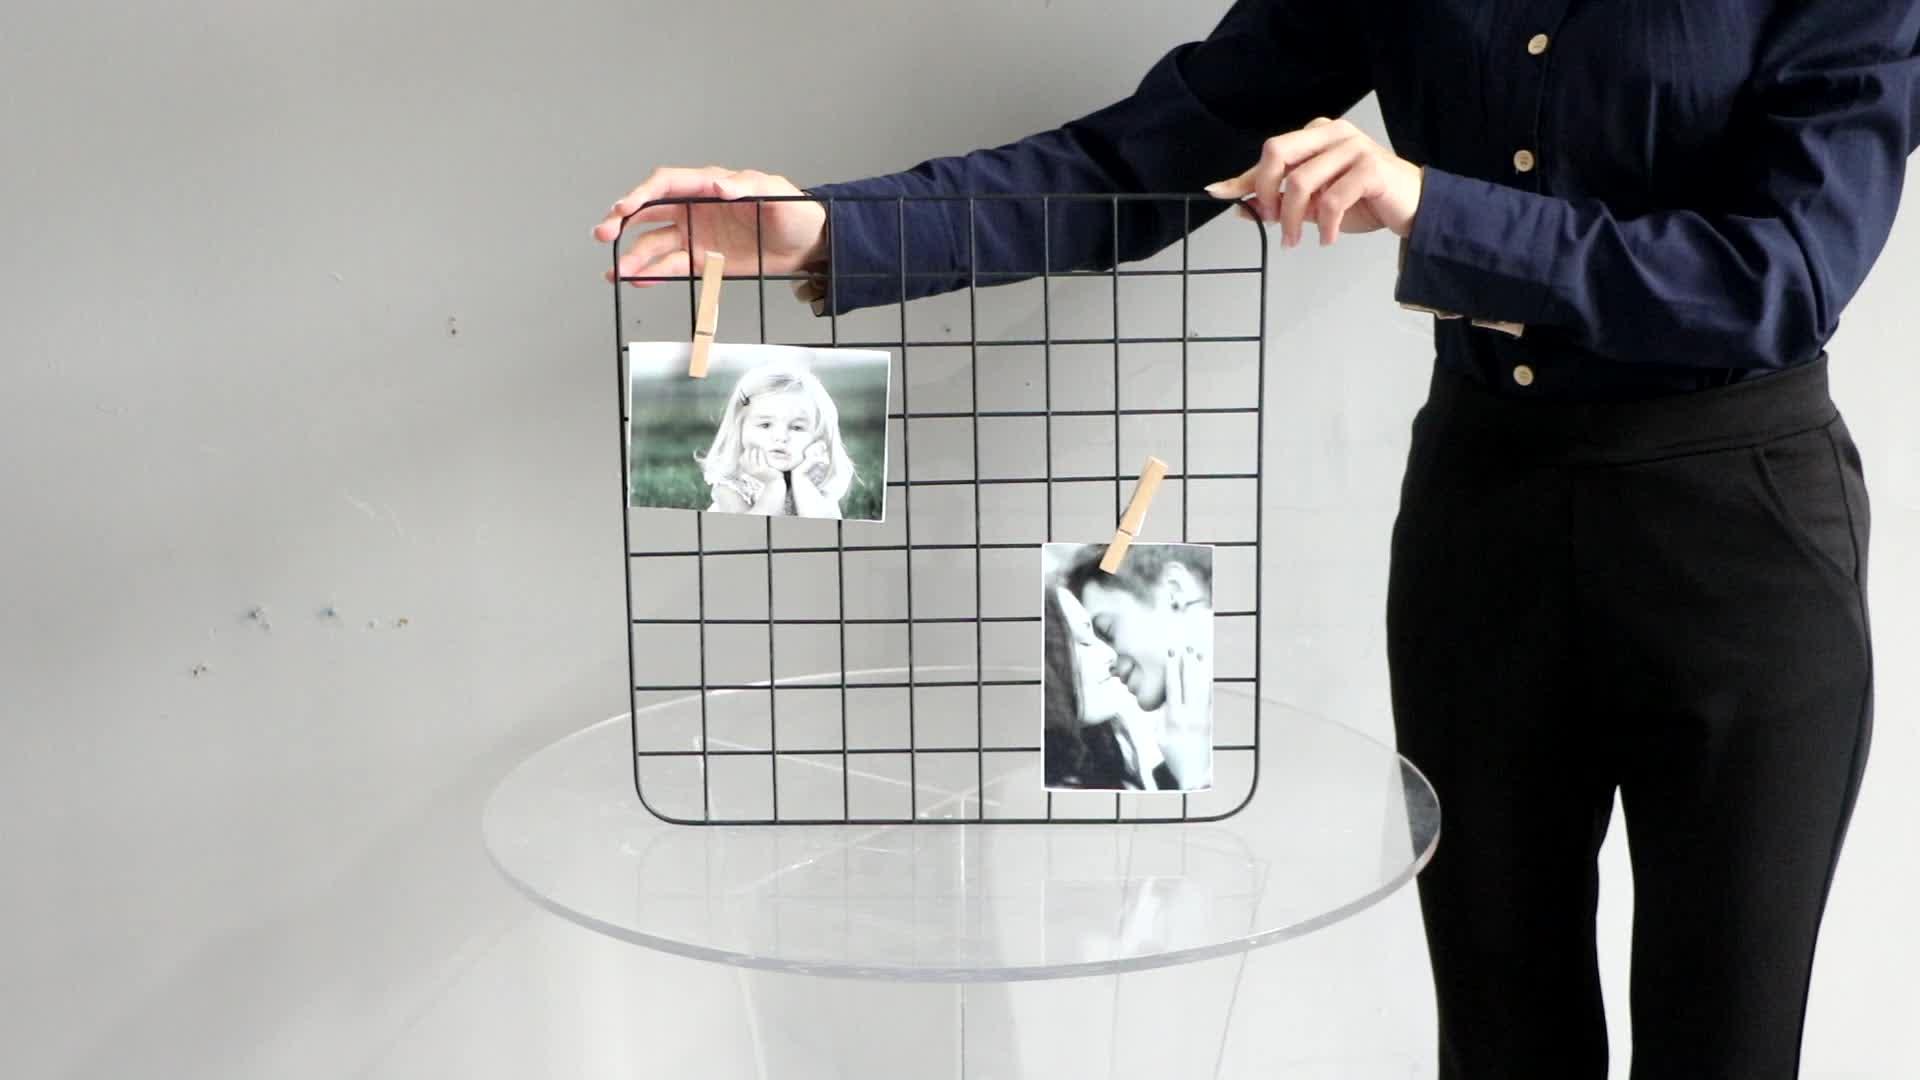 Moderne benutzerdefinierte einfache quadratische eisen metall mesh grid hause dekorative wand hängen schwarze bild foto rahmen